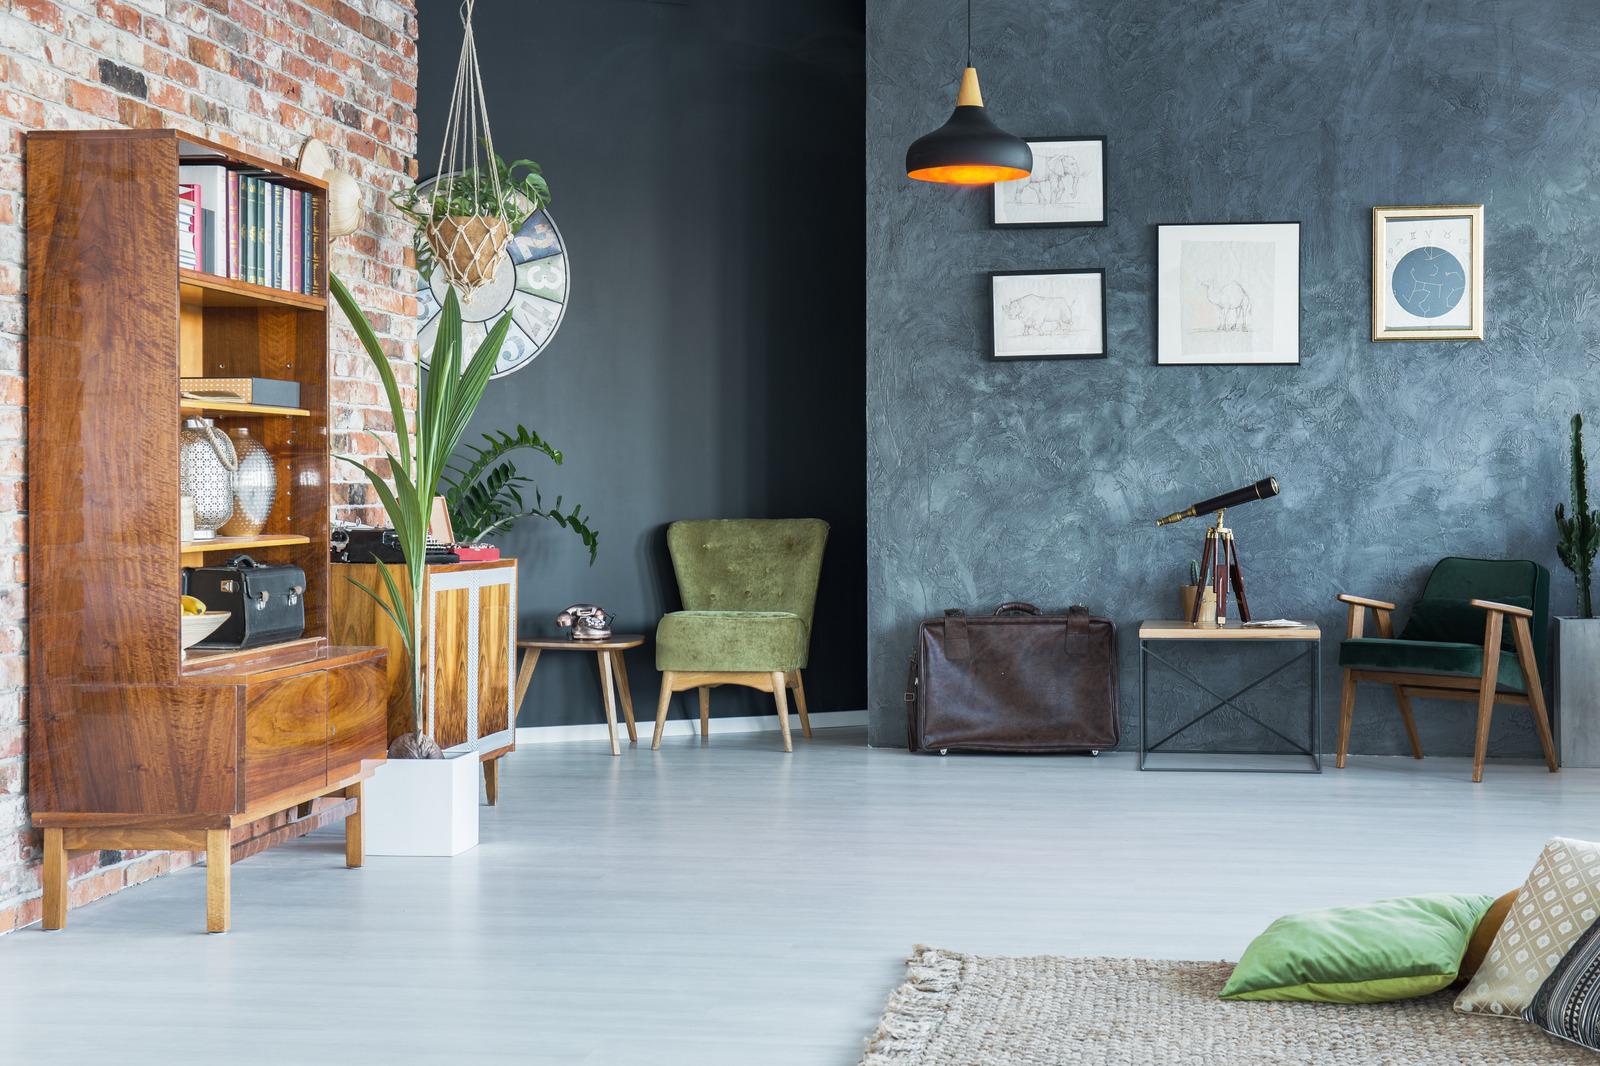 Antikk interiør design i moderne stil